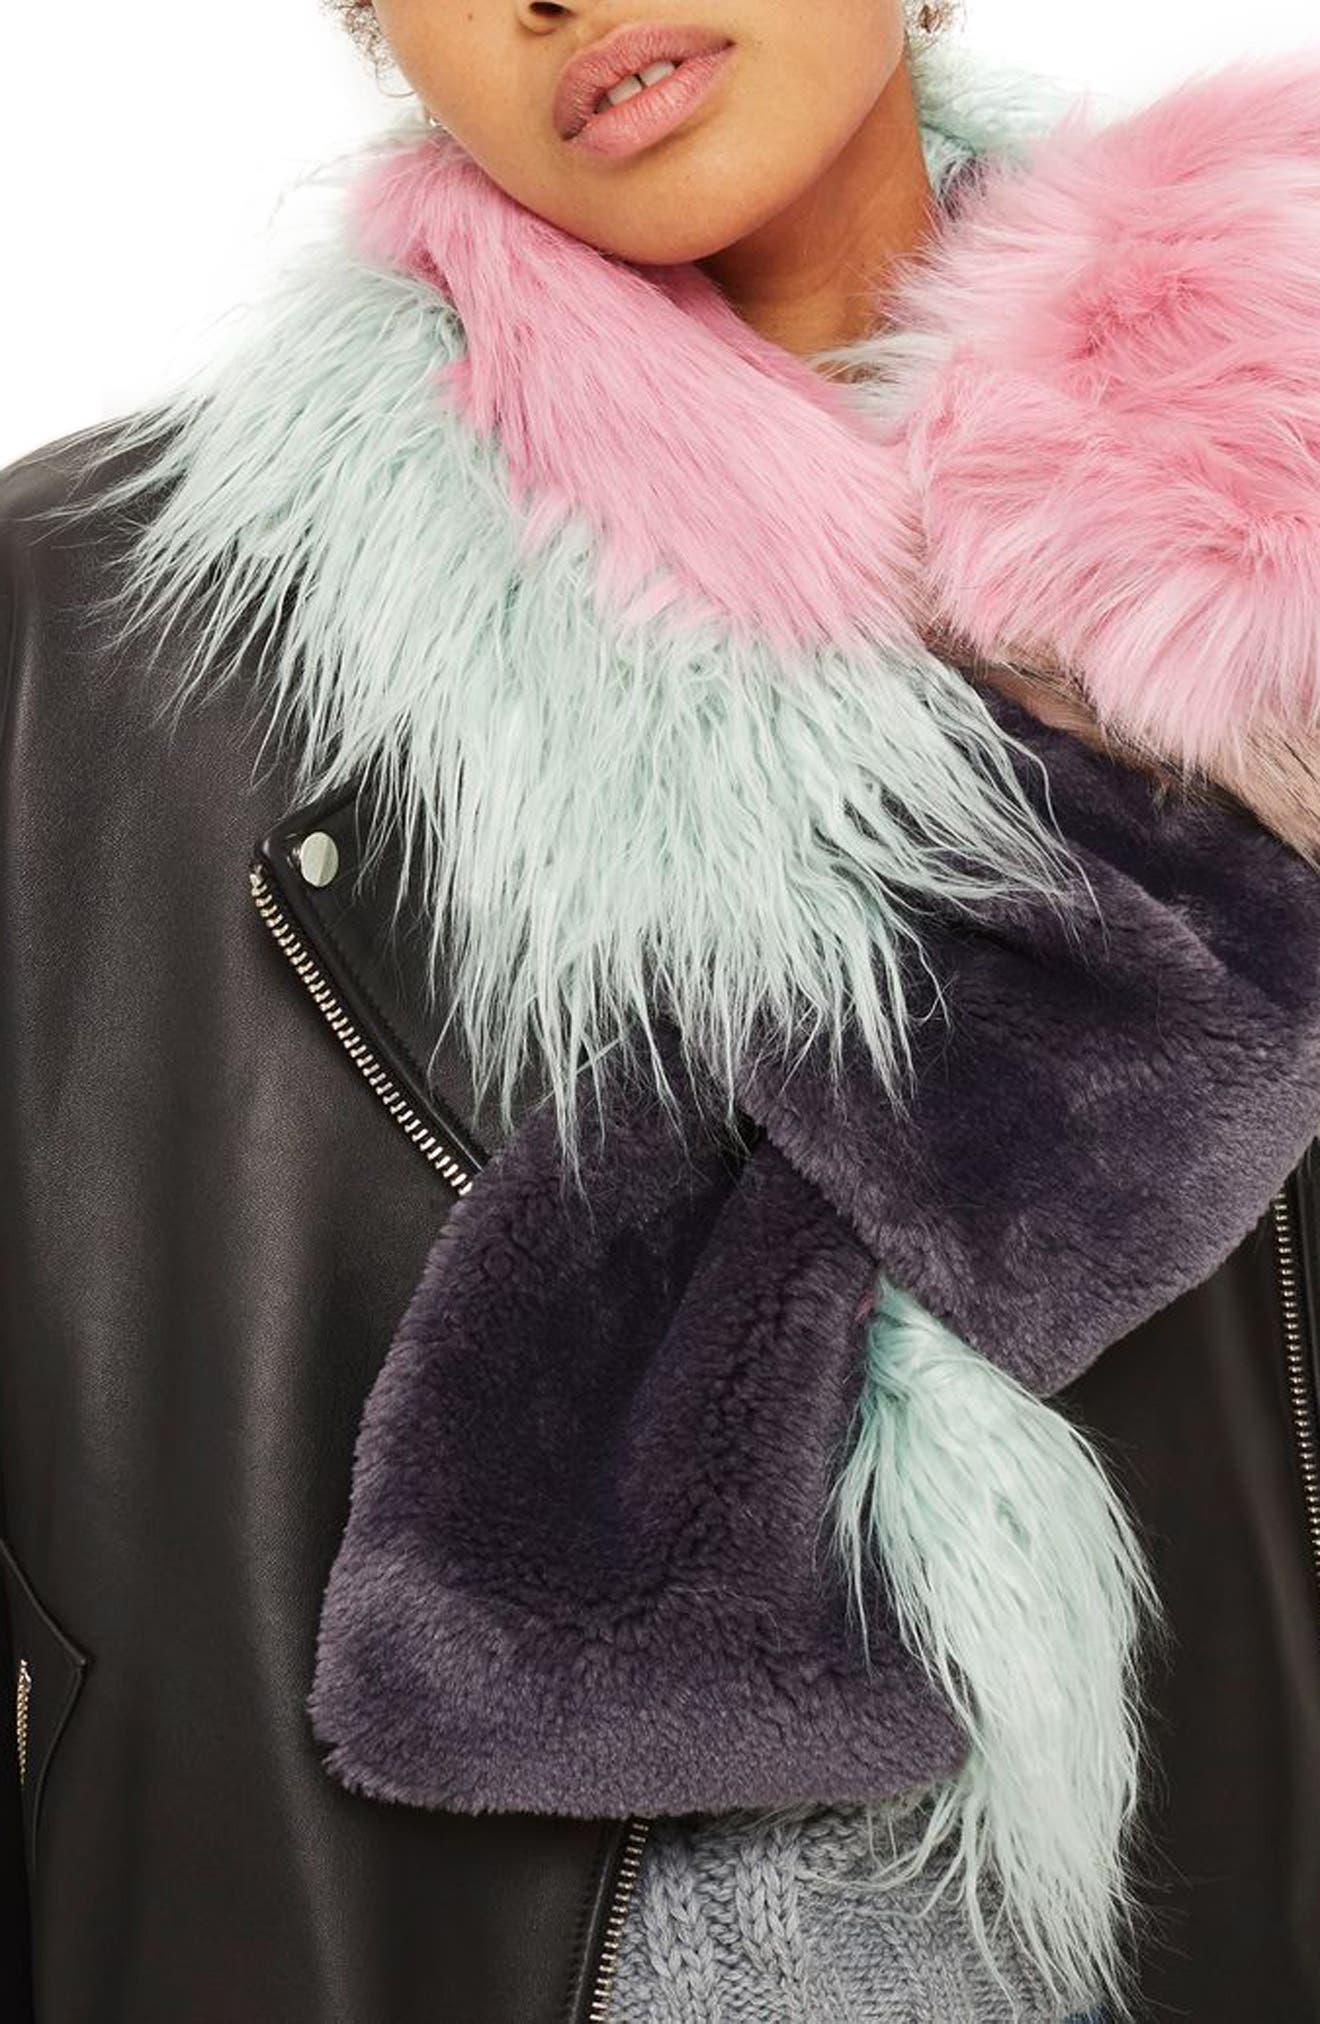 Topshop Zeus Faux Fur Patchwork Scarf